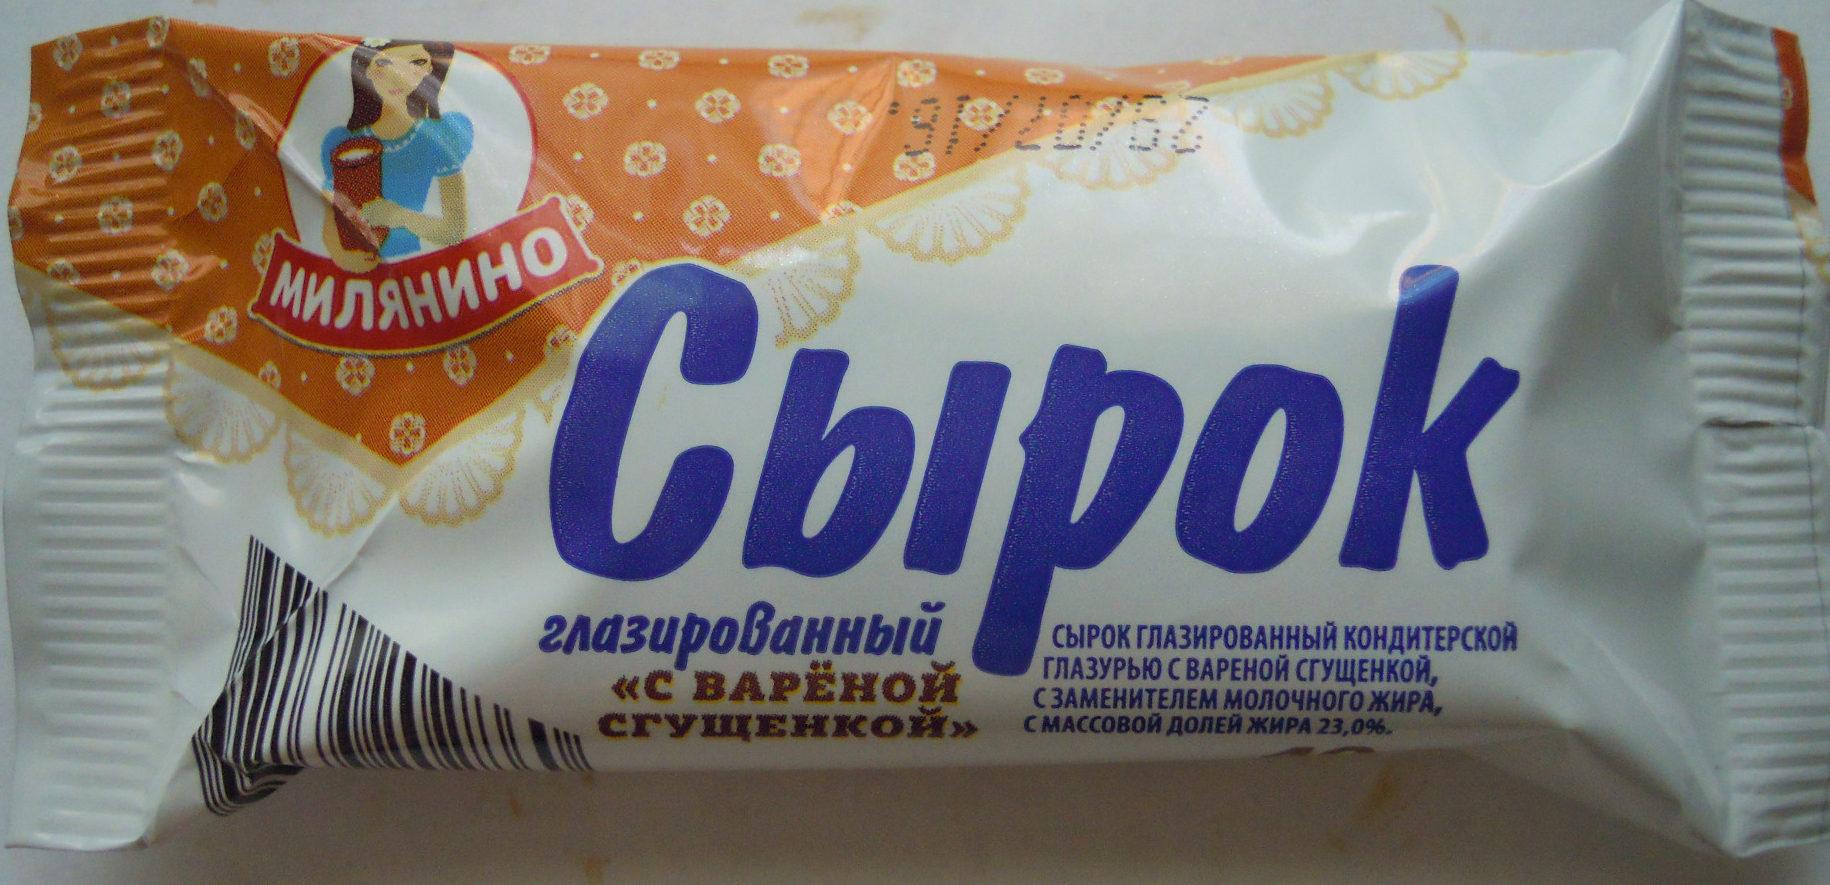 Сырок глазированный «С варёной сгущёнкой» - Product - ru